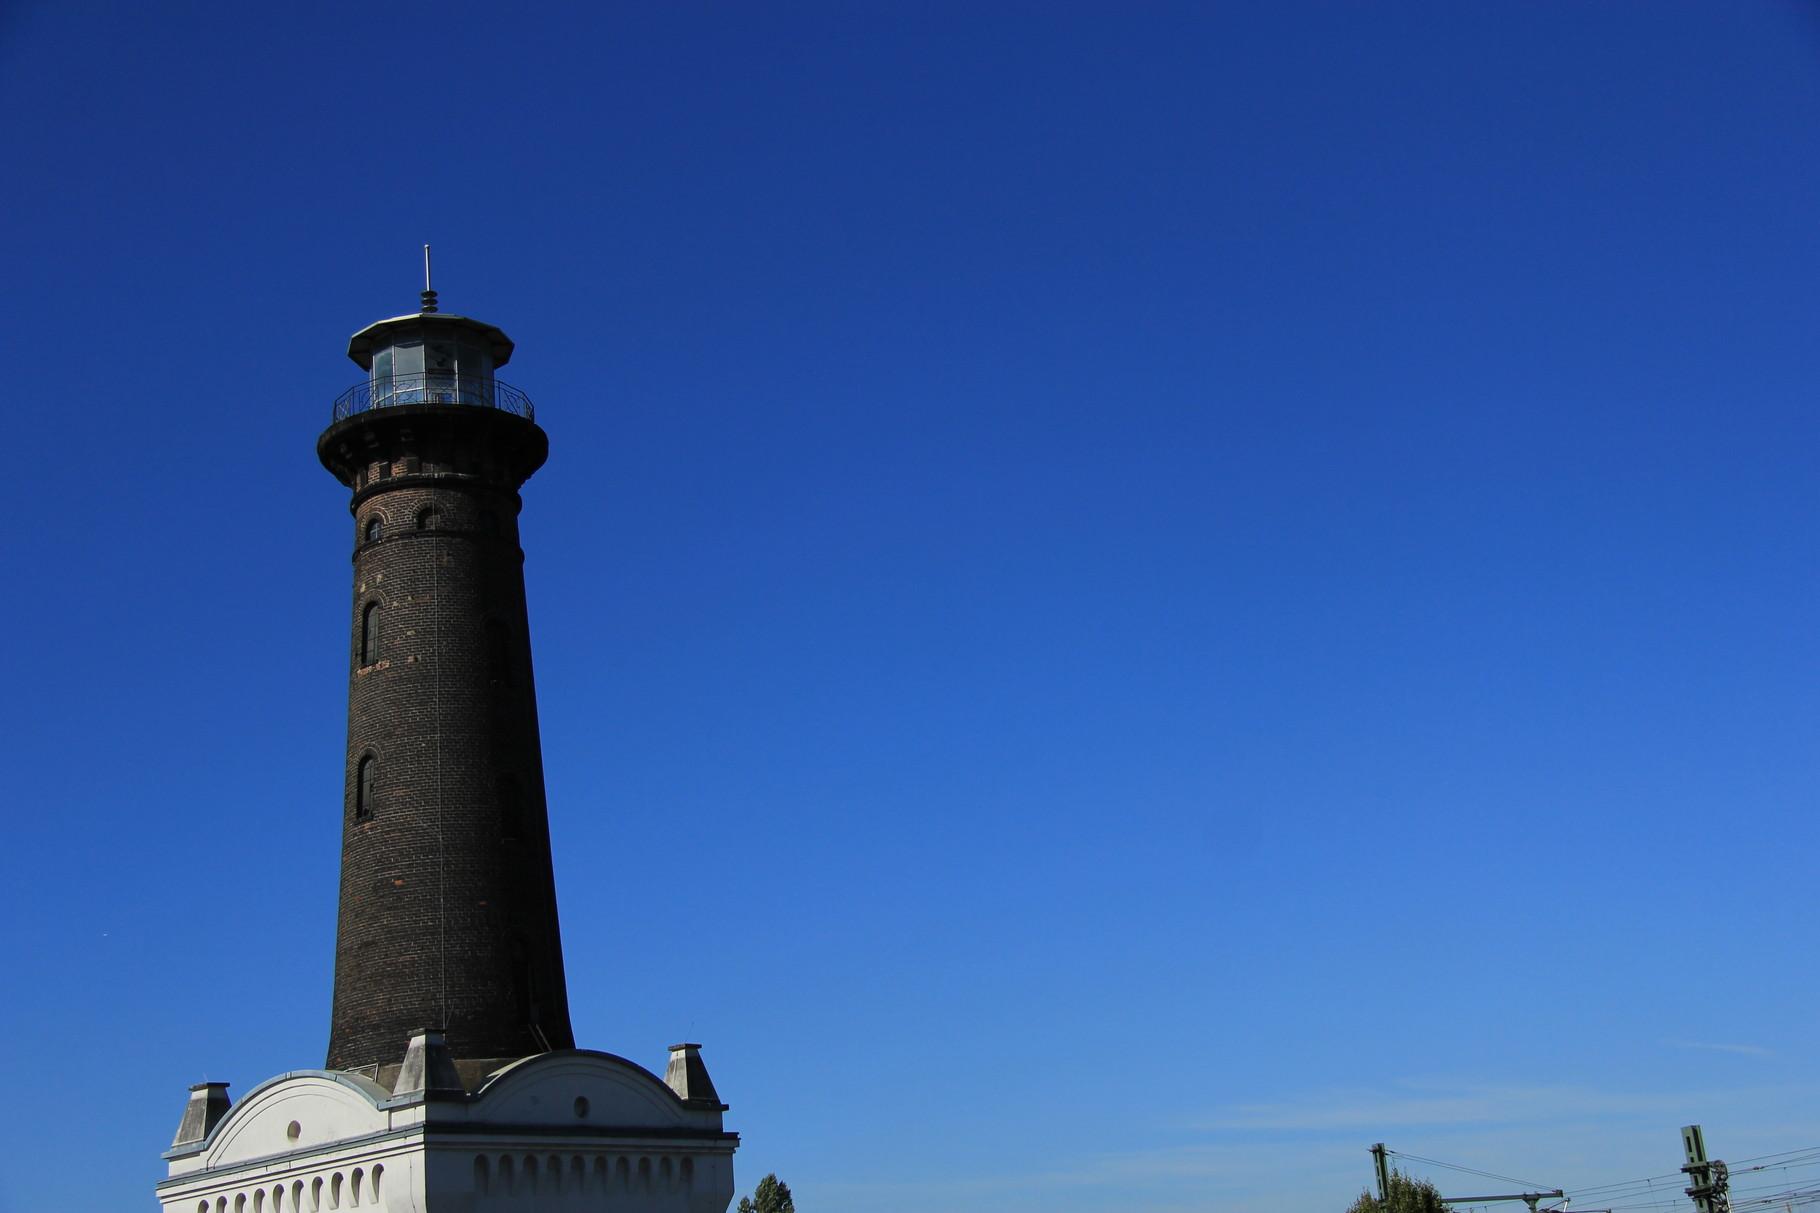 Ehrenfeld-Führung - Der Helios-Leuchtturm, die Ikone dieses Viertels